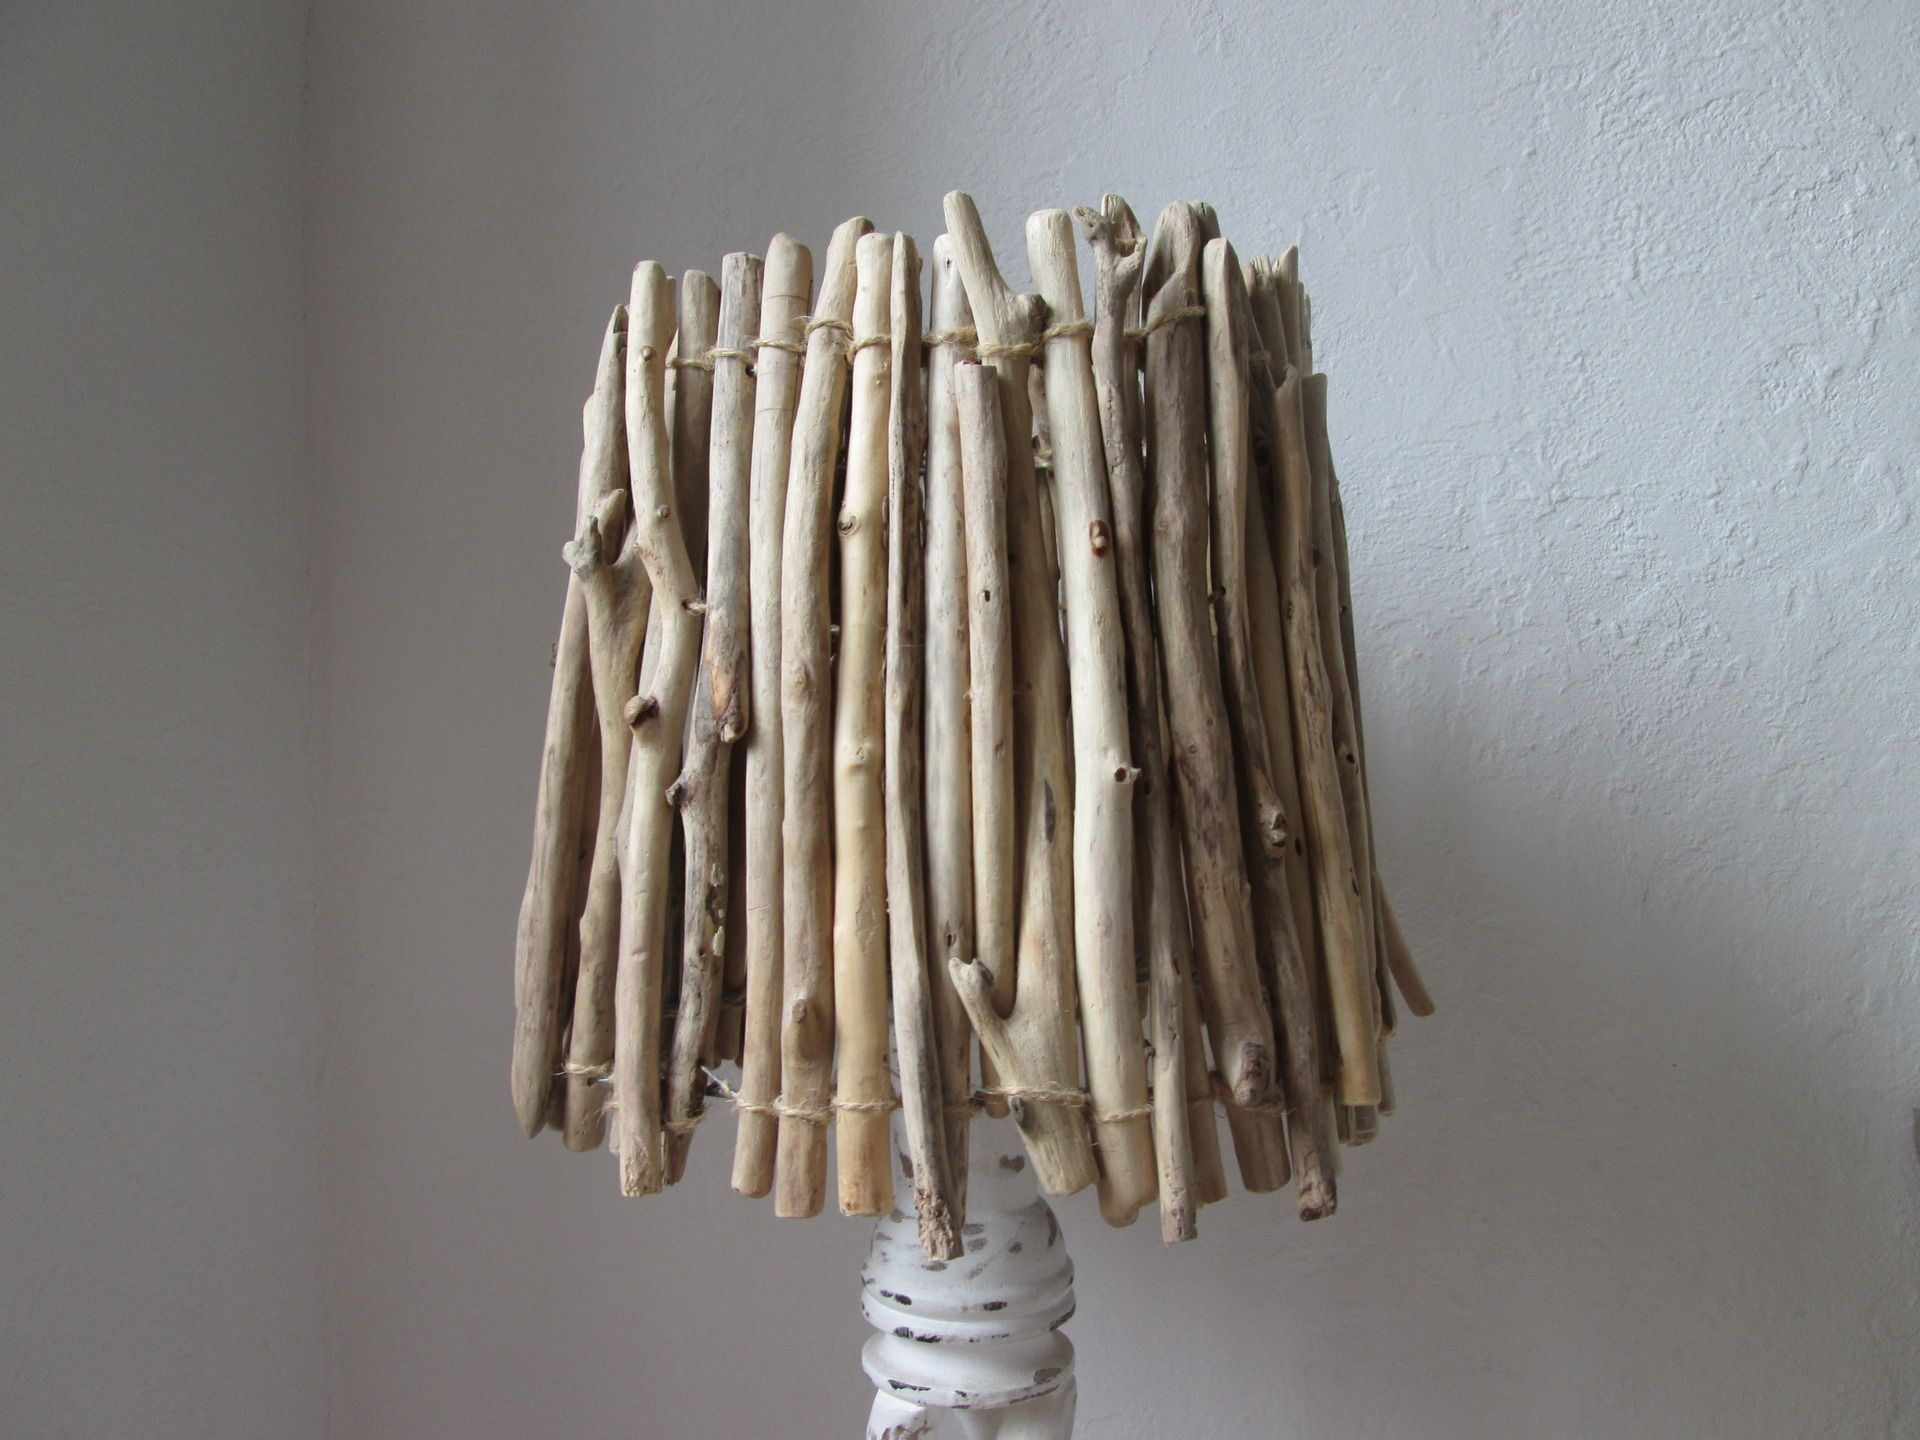 Abat jour bois flott enti rement fix avec de la ficelle for Bois flotte grossiste